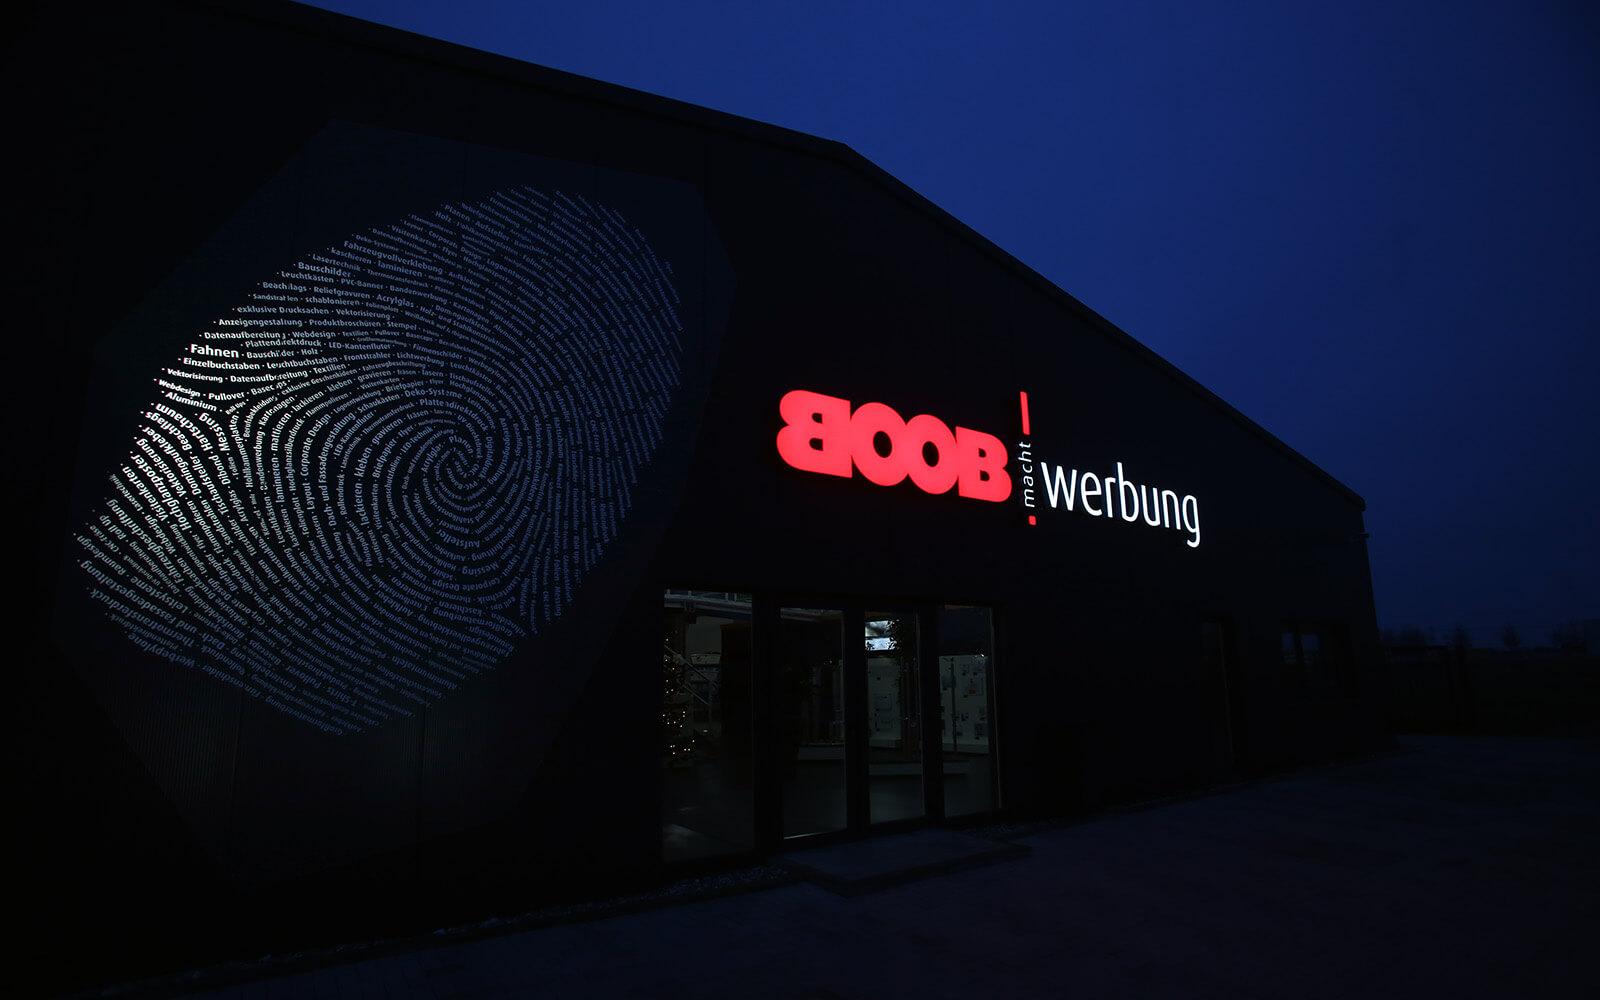 Boob Werbung Datenschutz